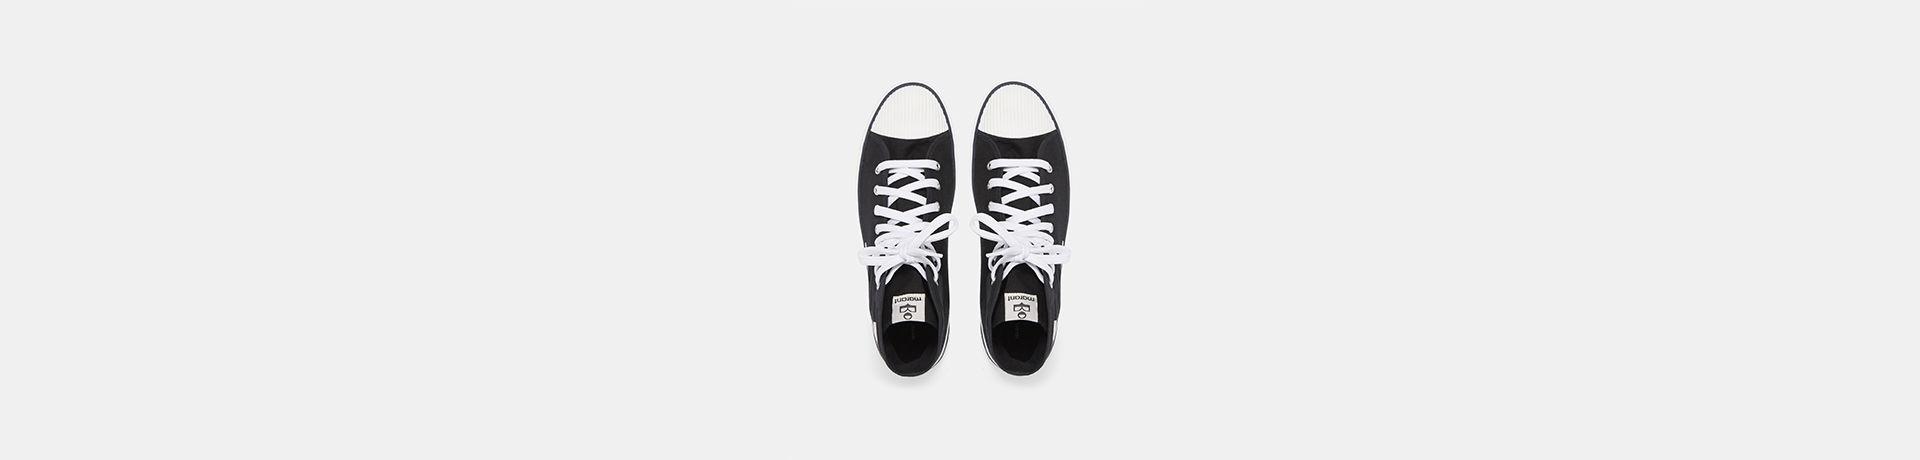 BENKEENH sneakers